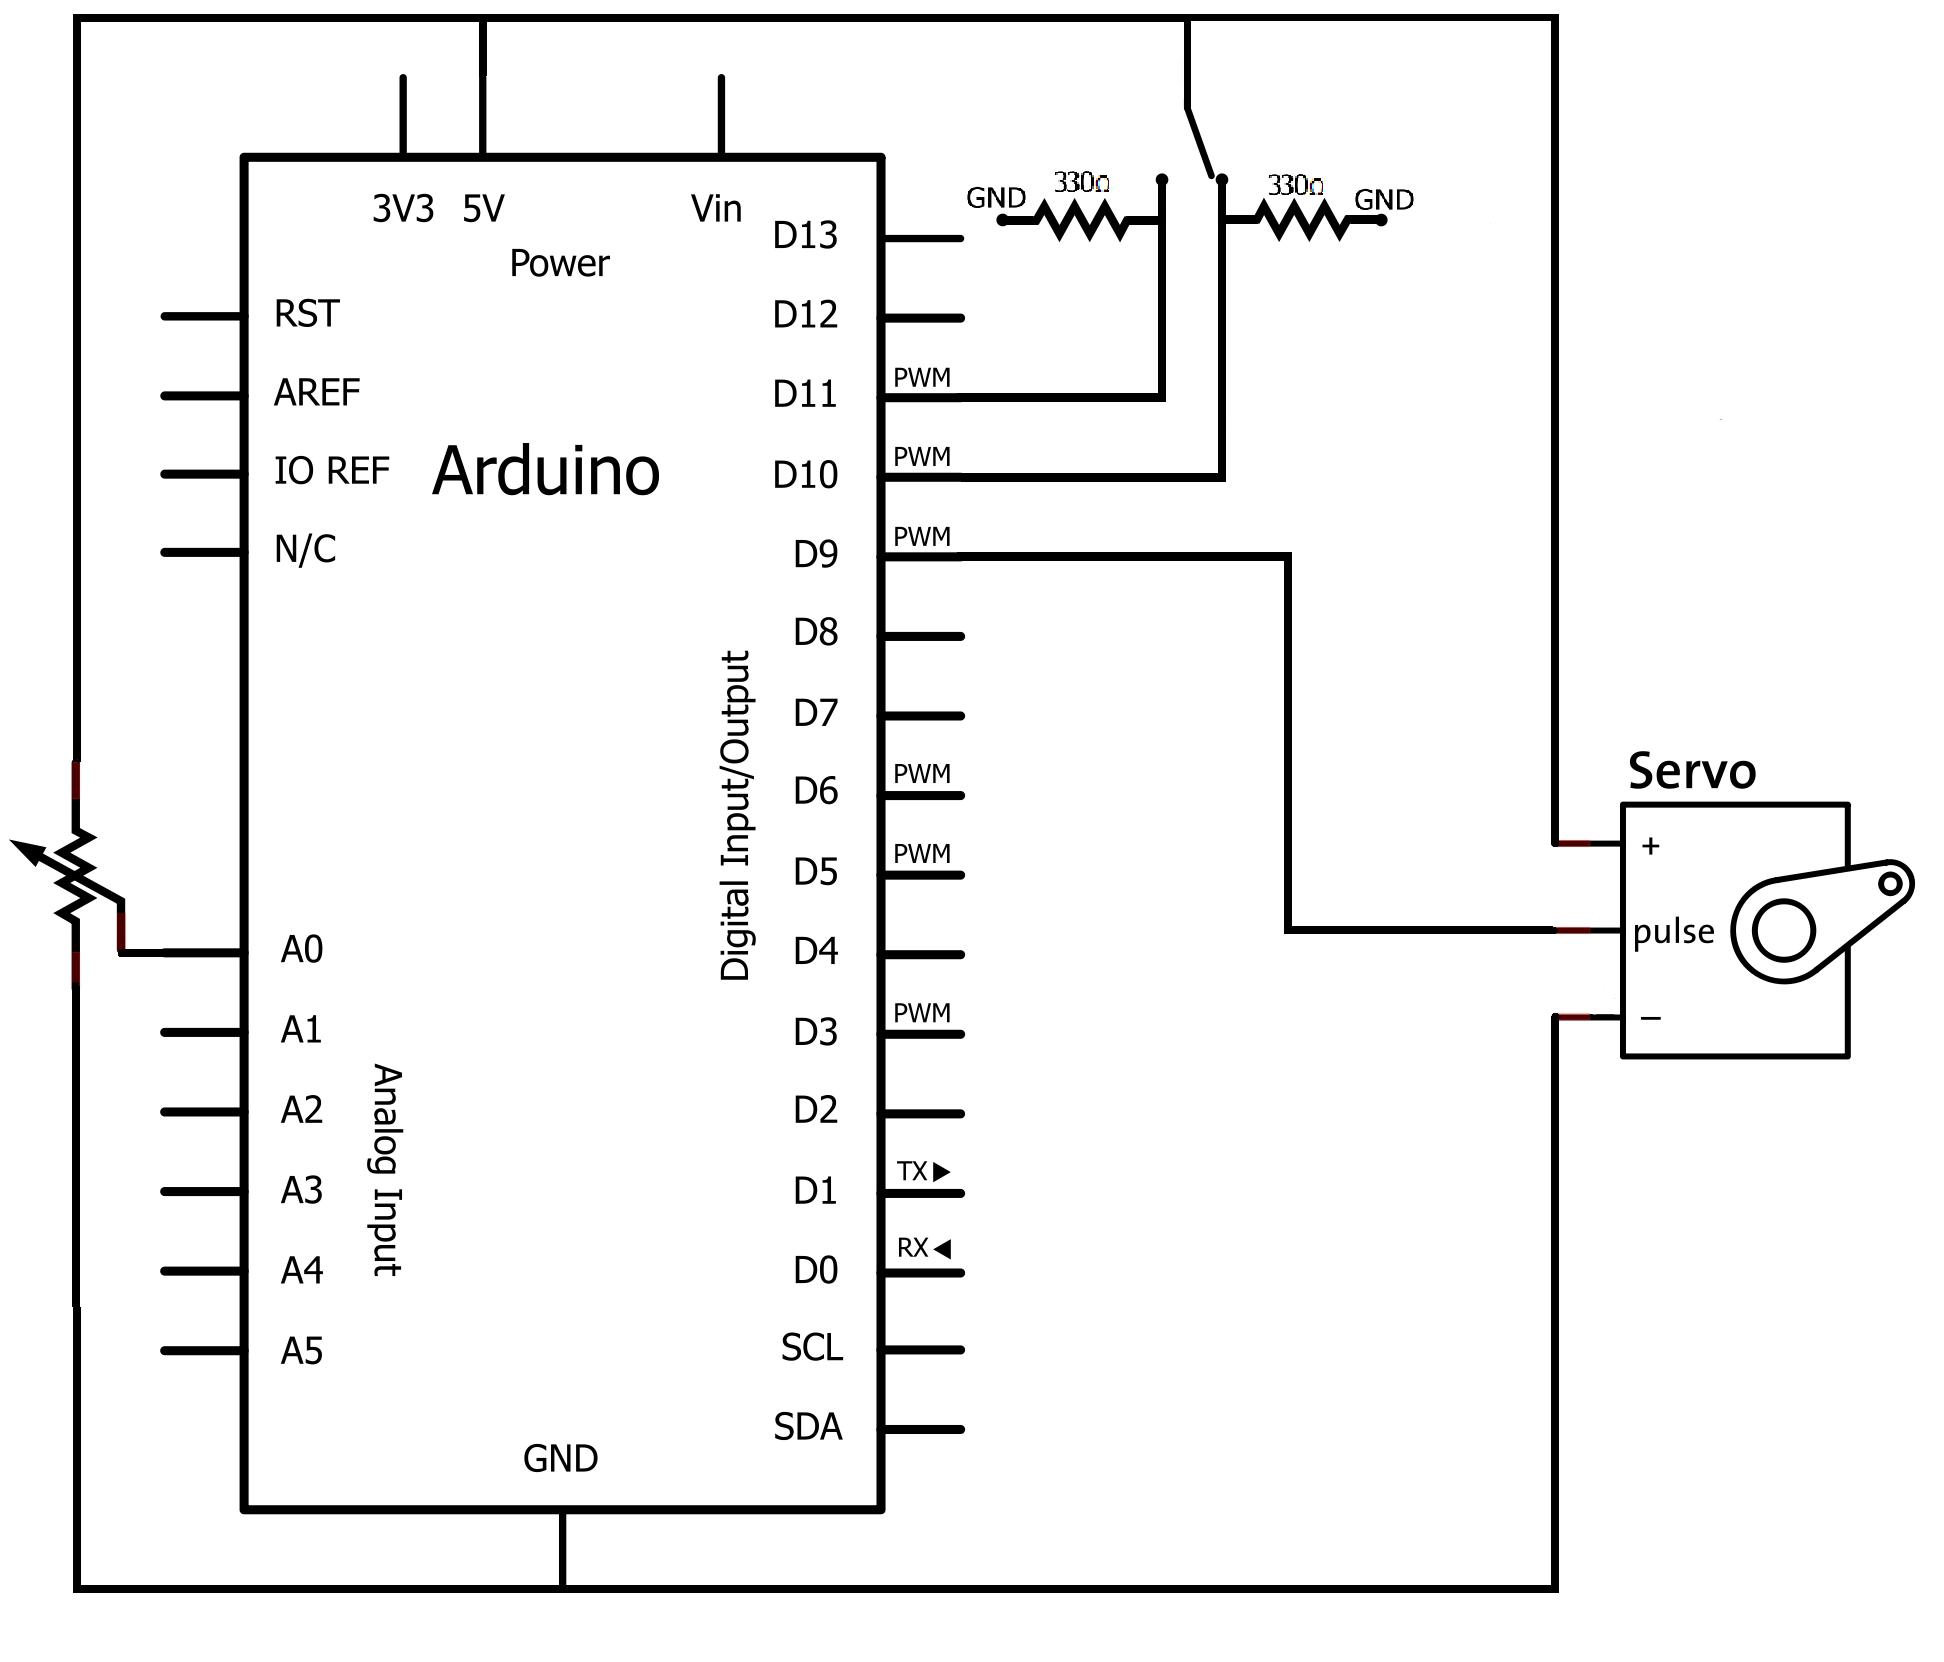 Schema Elettrico Potenziometro : Gestione servo potenziometro e switch di gabriele mauro